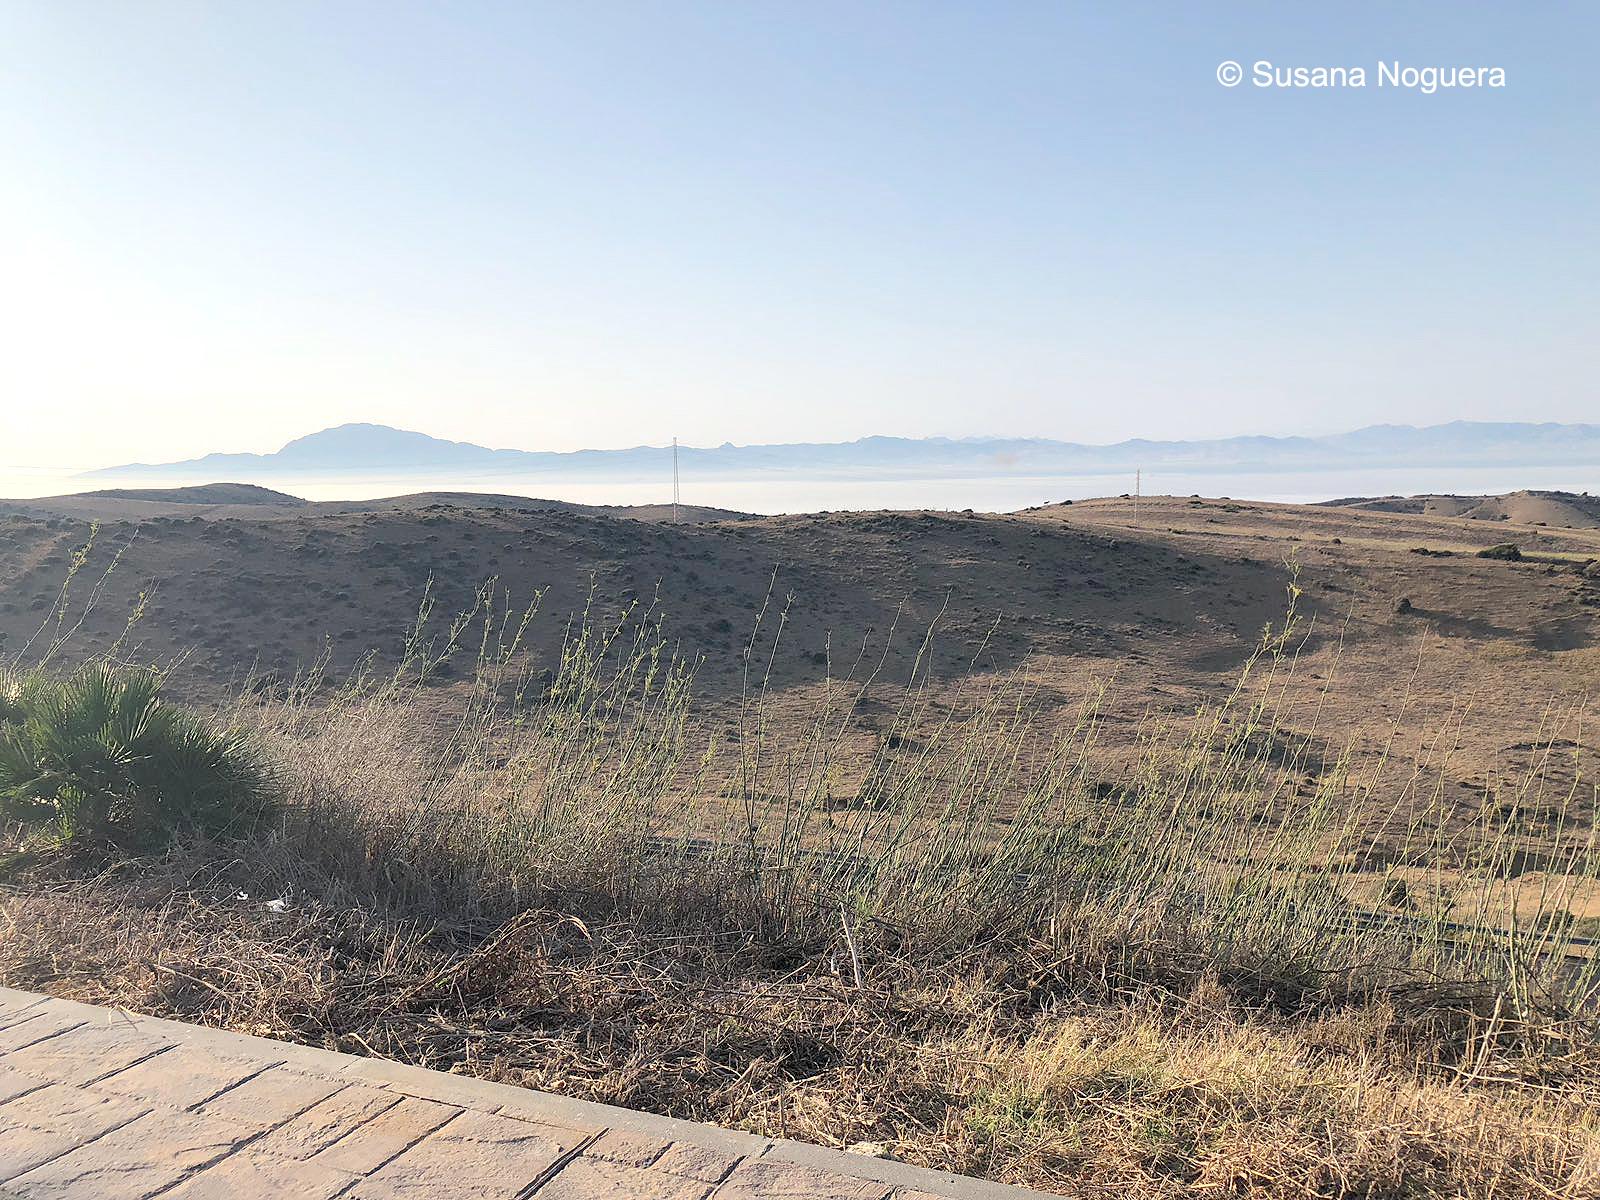 La costa de África, vista desde el observatorio de Cazalla. Imagen: Susana Noguera